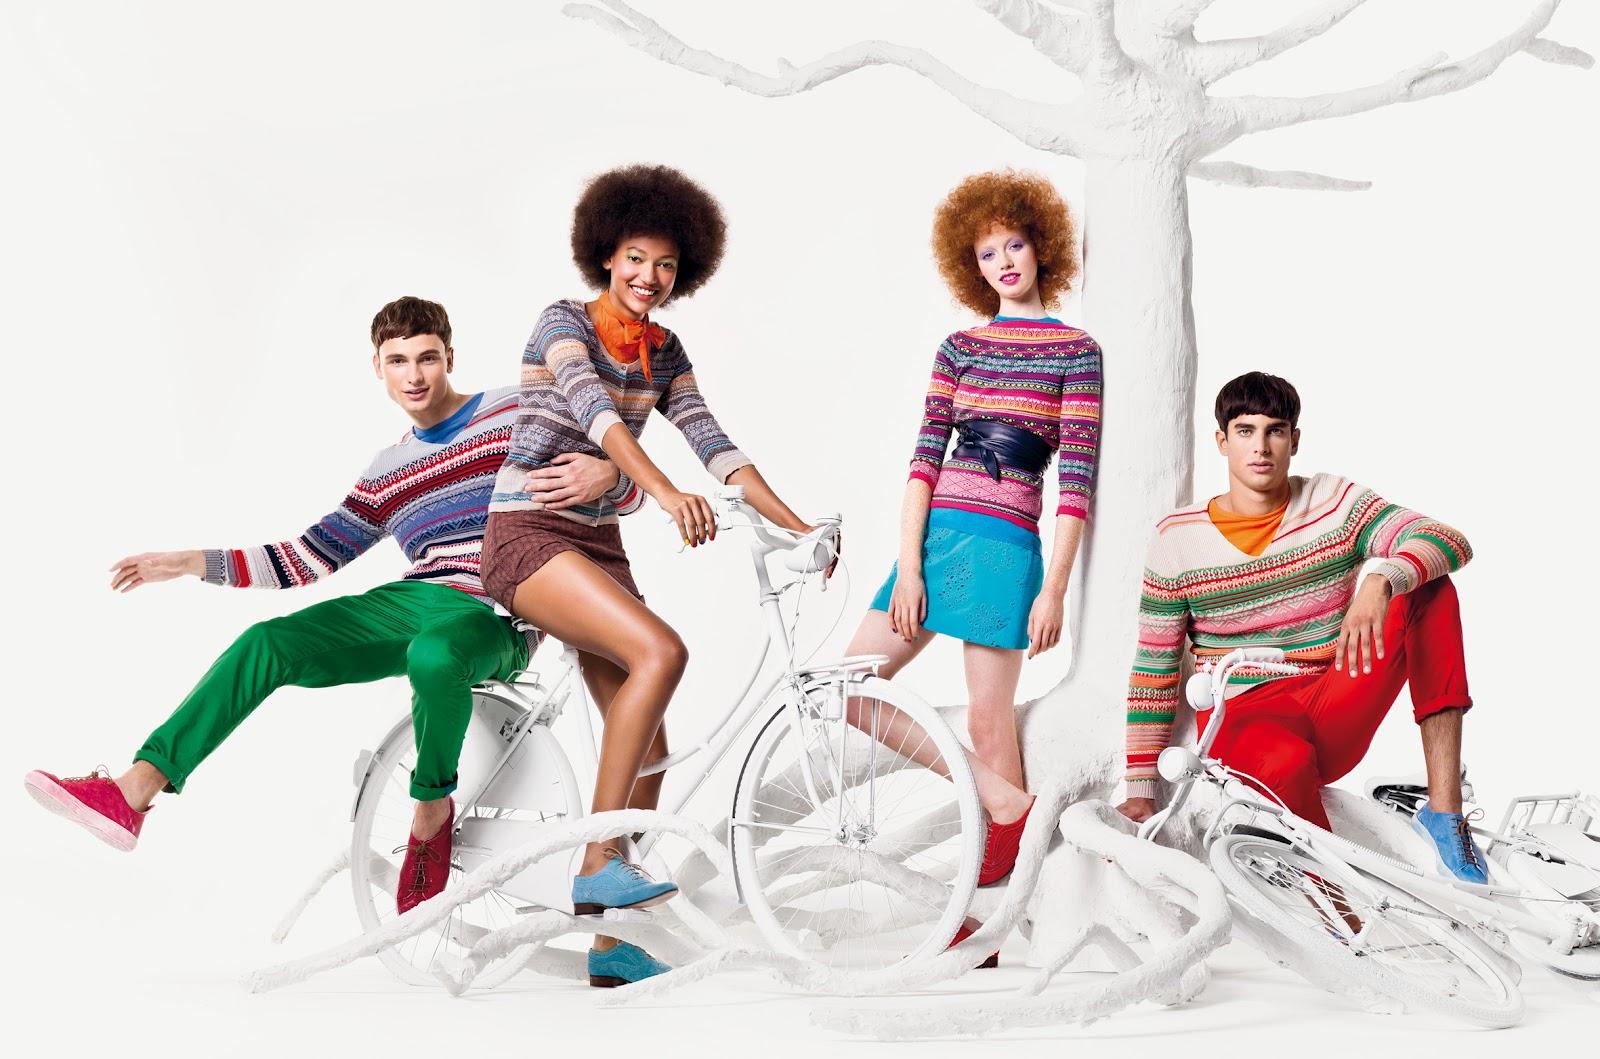 Anuncios de moda con bicicletas